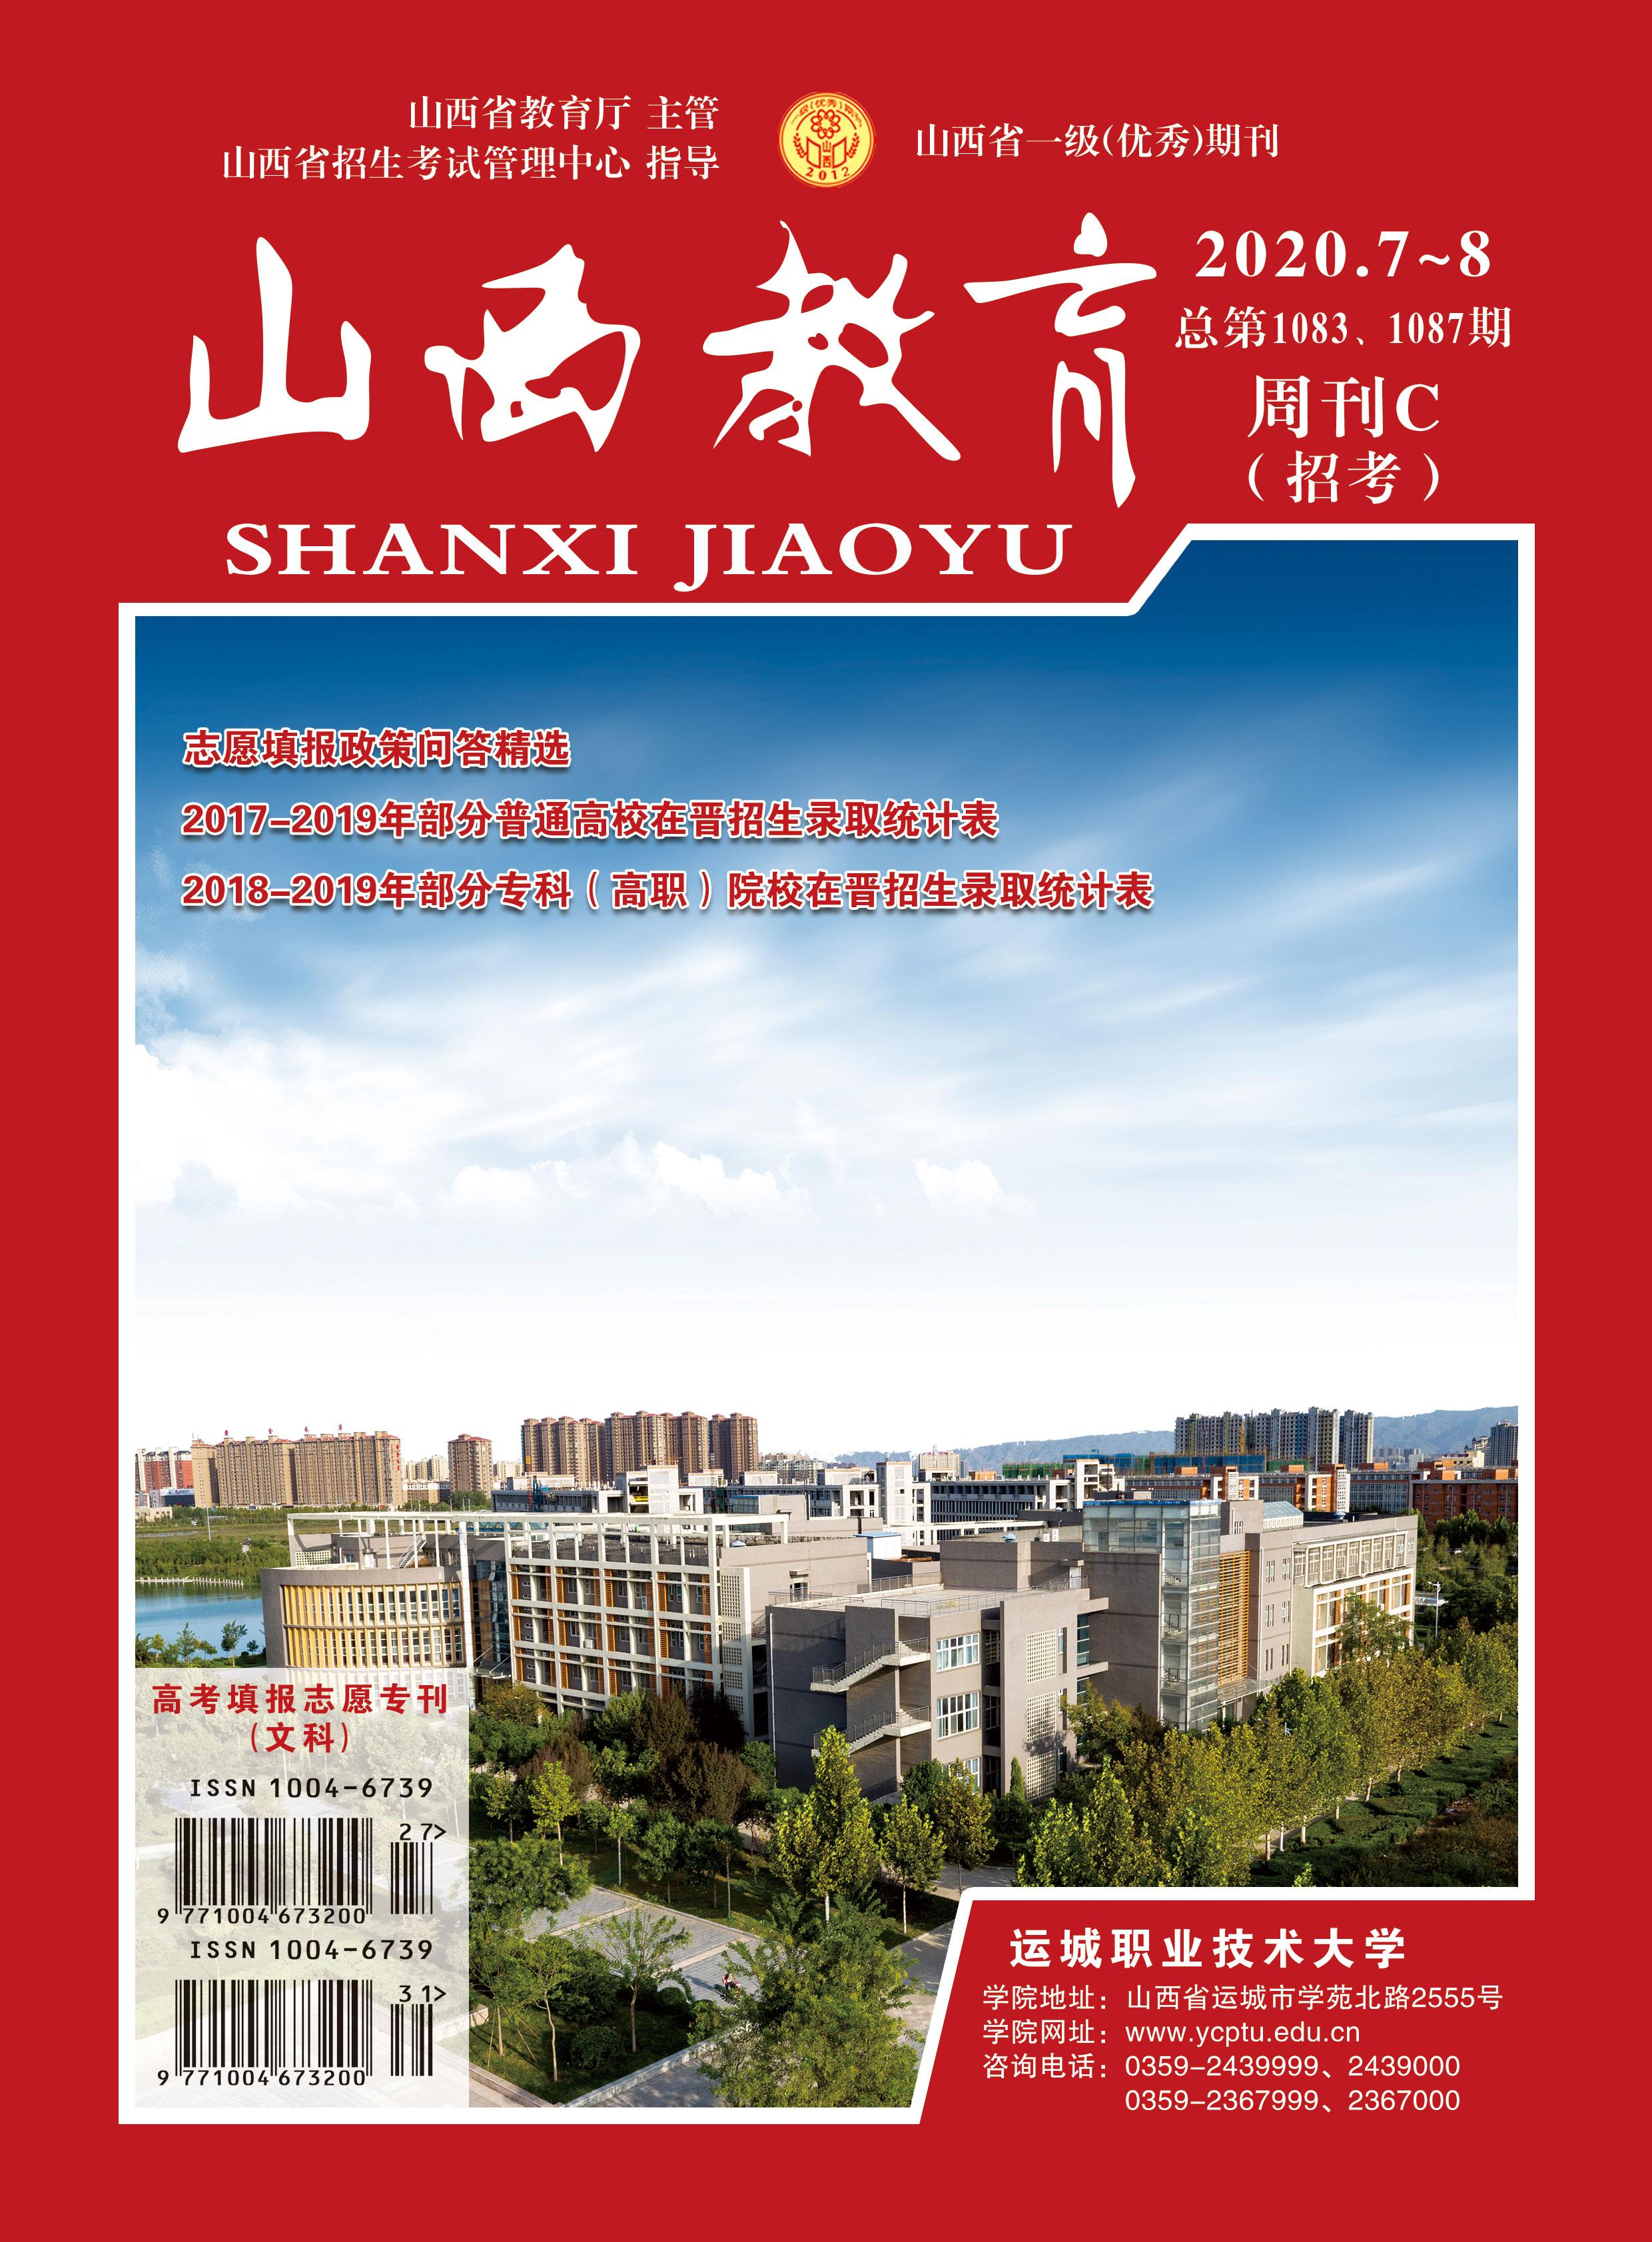 《山西教育》(招考)7-8期(文科)